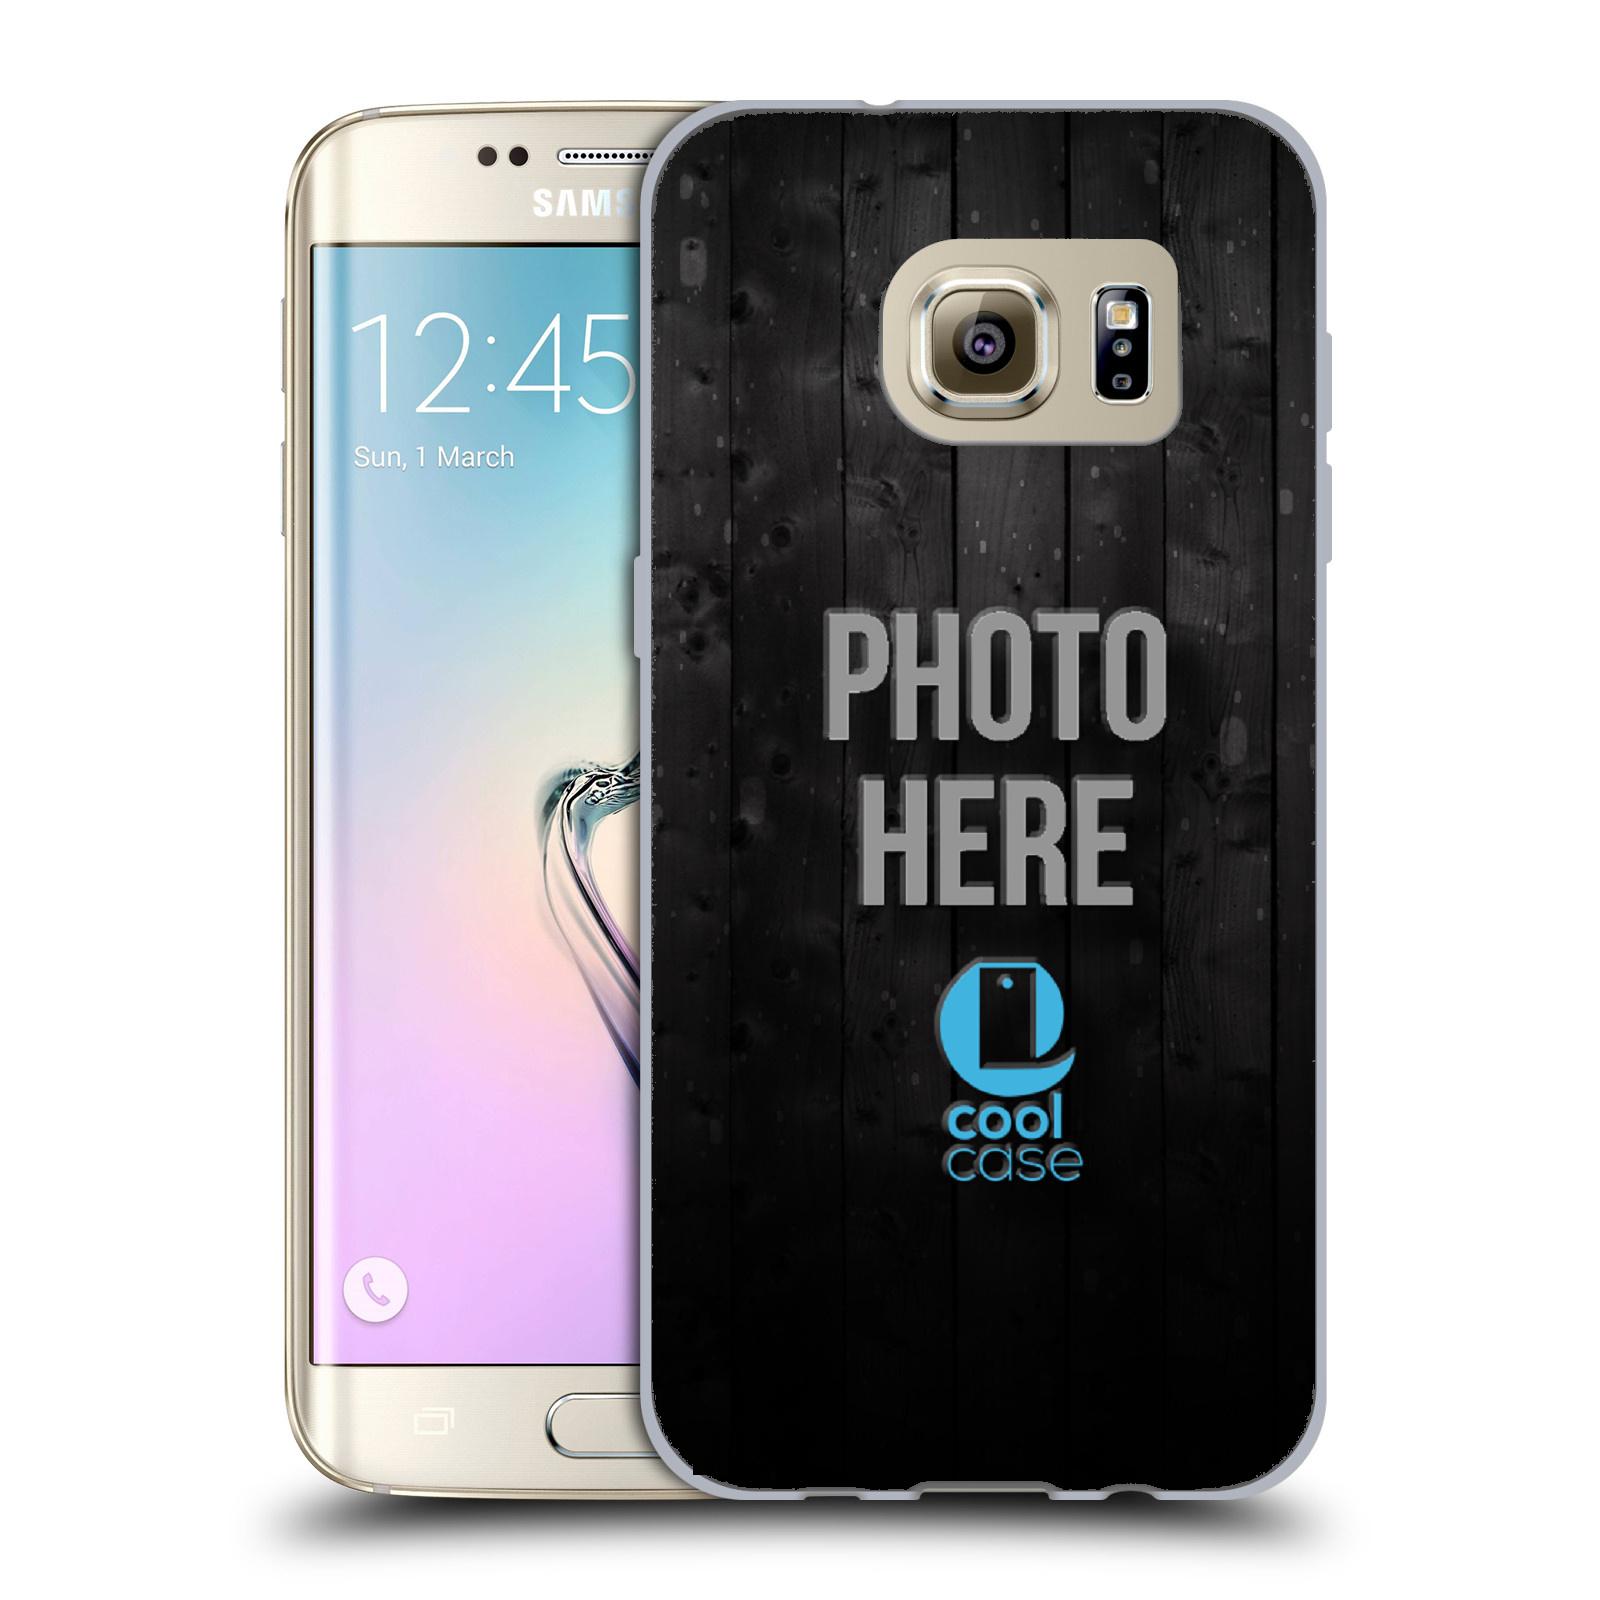 Silikonové pouzdro na mobil Samsung Galaxy S7 Edge s vlastním motivem (Kryt či obal s vlastní fotografií na mobilní telefon Samsung Galaxy S7 Edge SM-G935F)